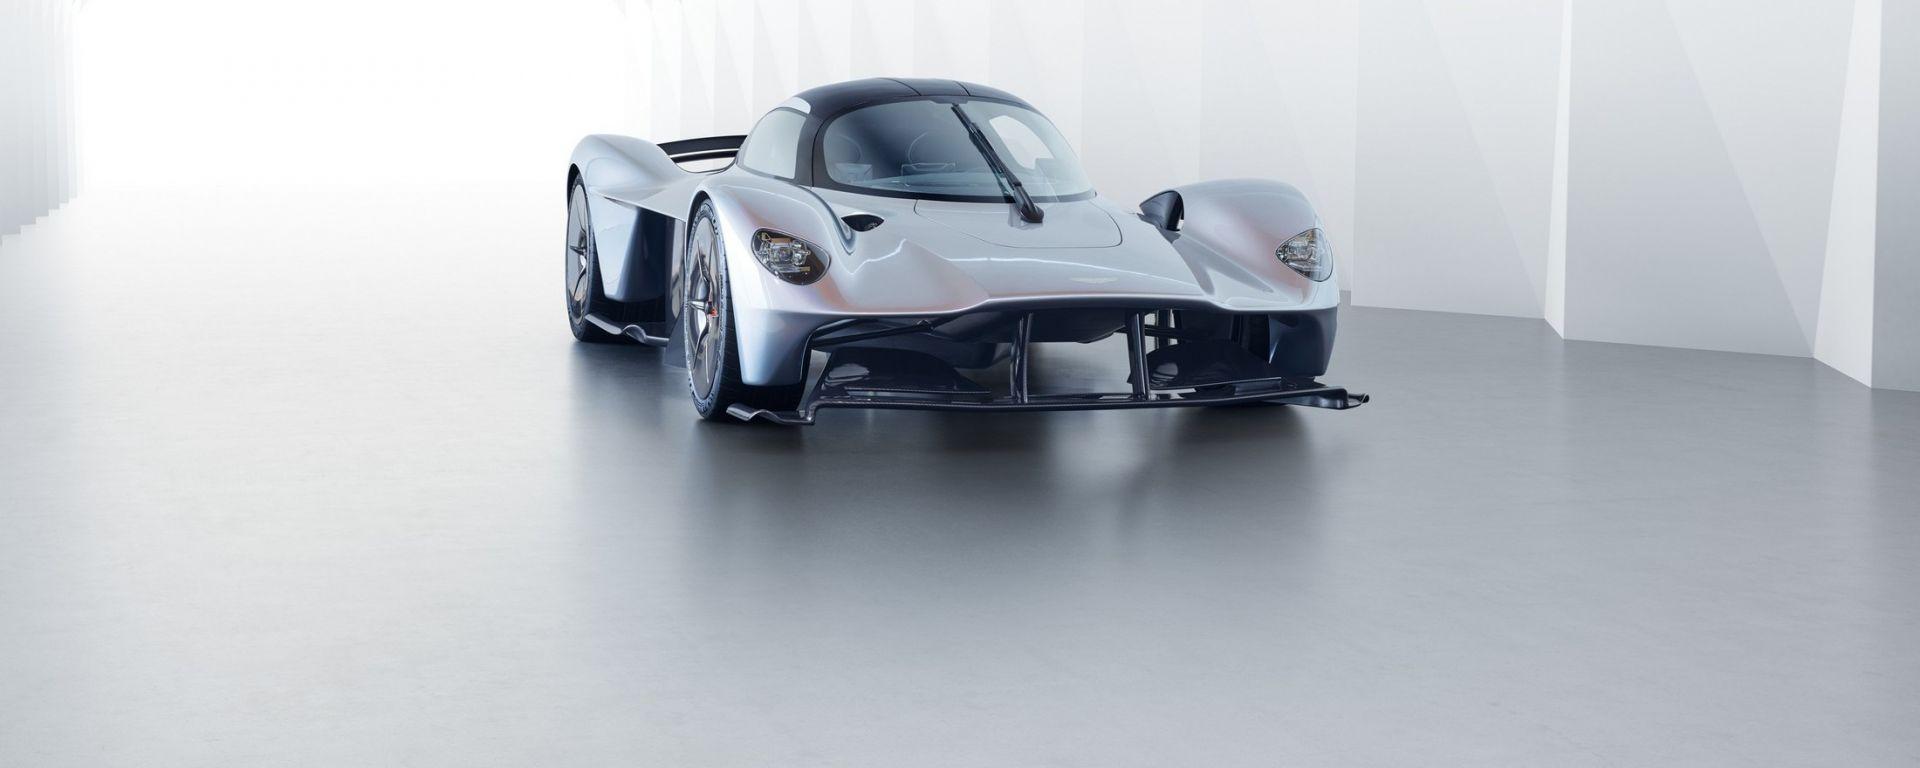 Aston Martin Valkyrie: le prime foto e informazioni ufficiali